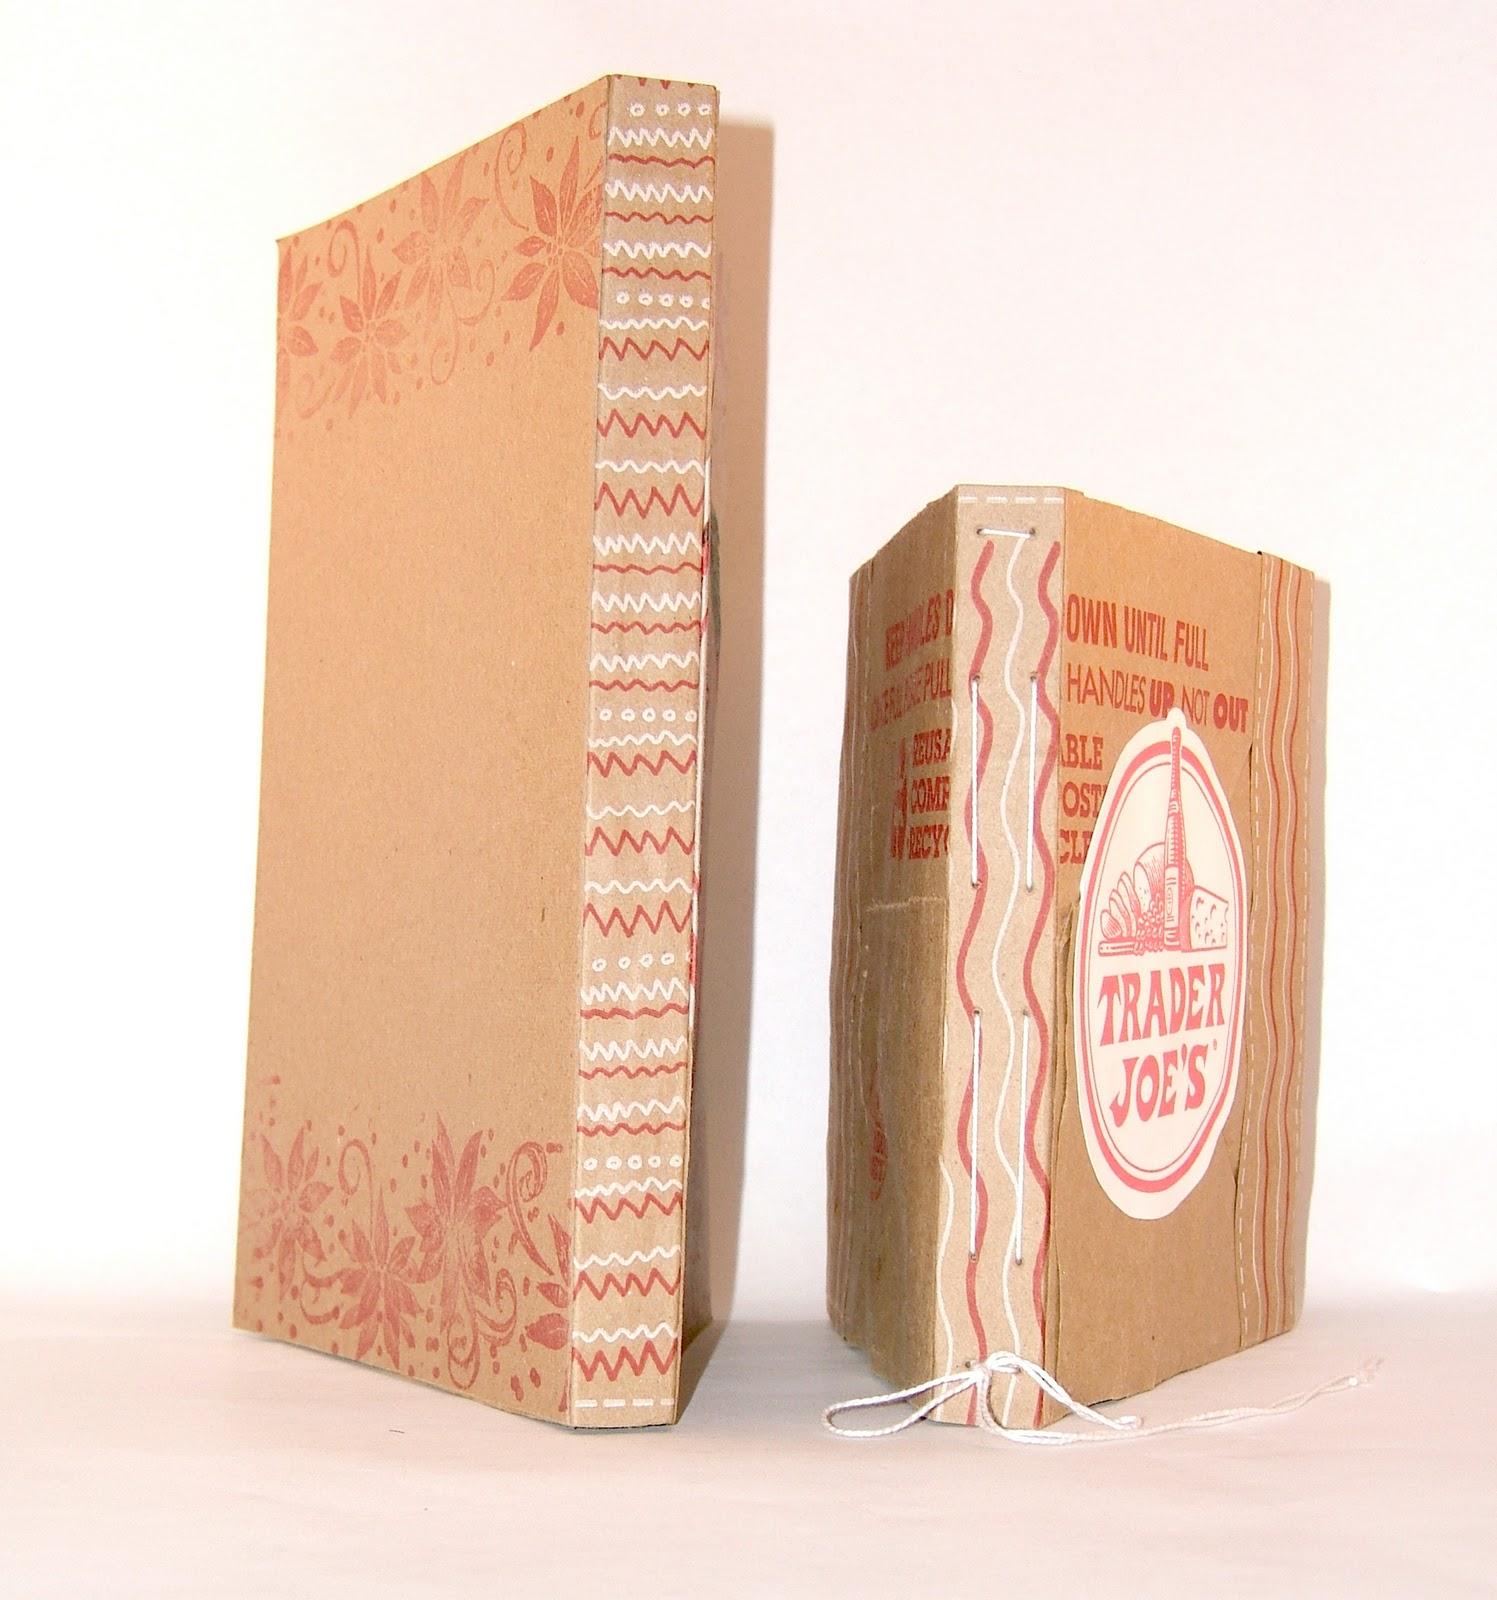 http://3.bp.blogspot.com/-xB6en_Sk-Co/Tvv267y78GI/AAAAAAAAAmI/VFdCivh6Kts/s1600/side+view+of+paper+bag+books.jpg